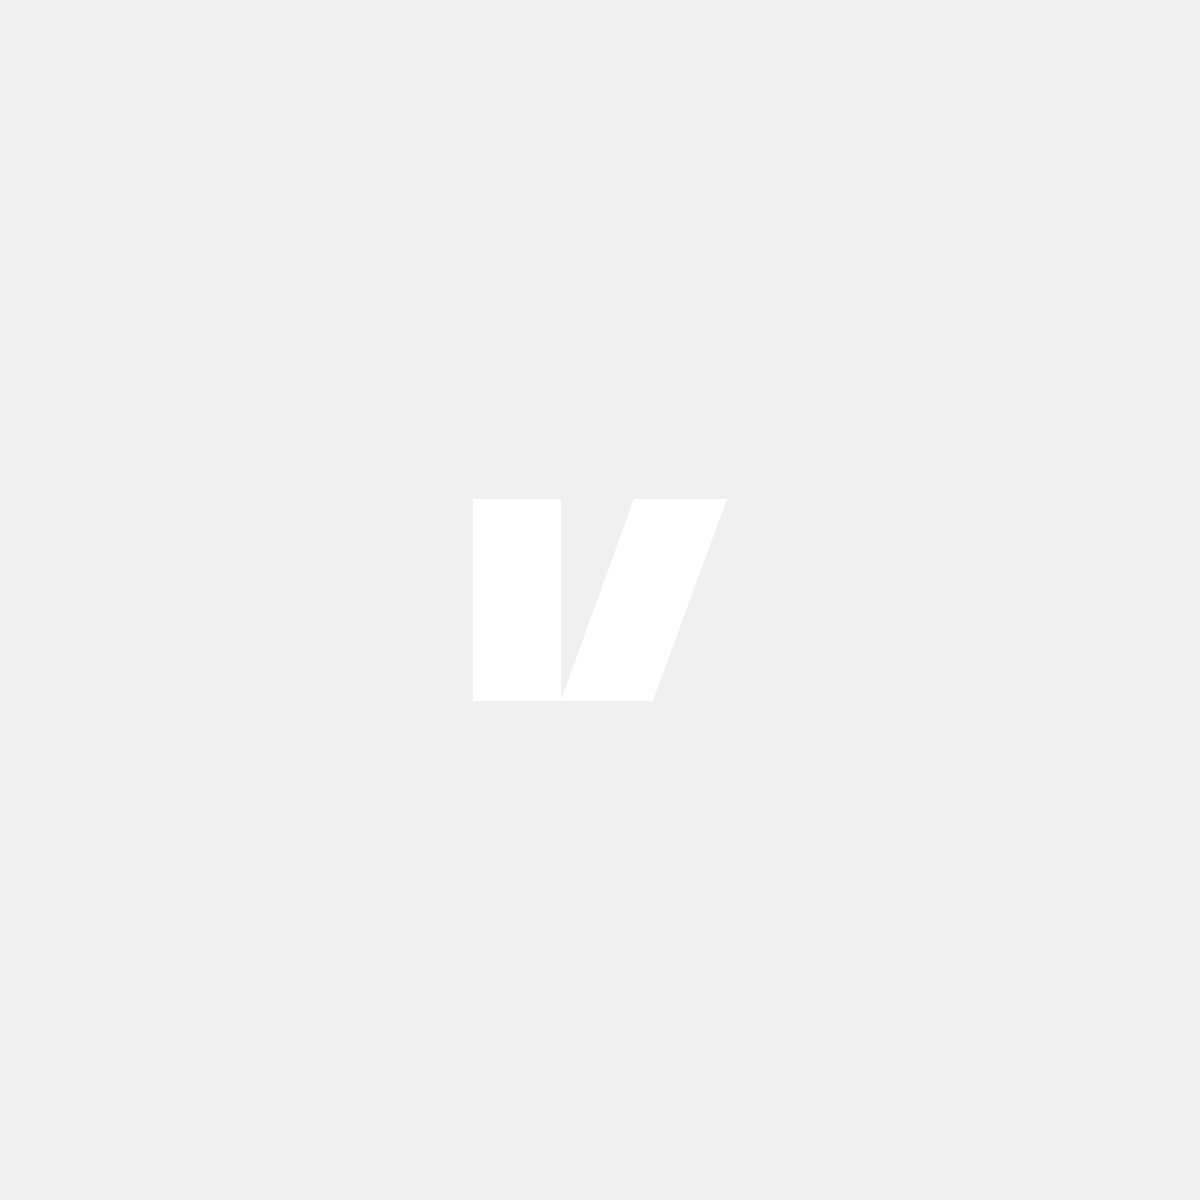 Sportgrill Volvo S80, aluminiumnät, kromad ram